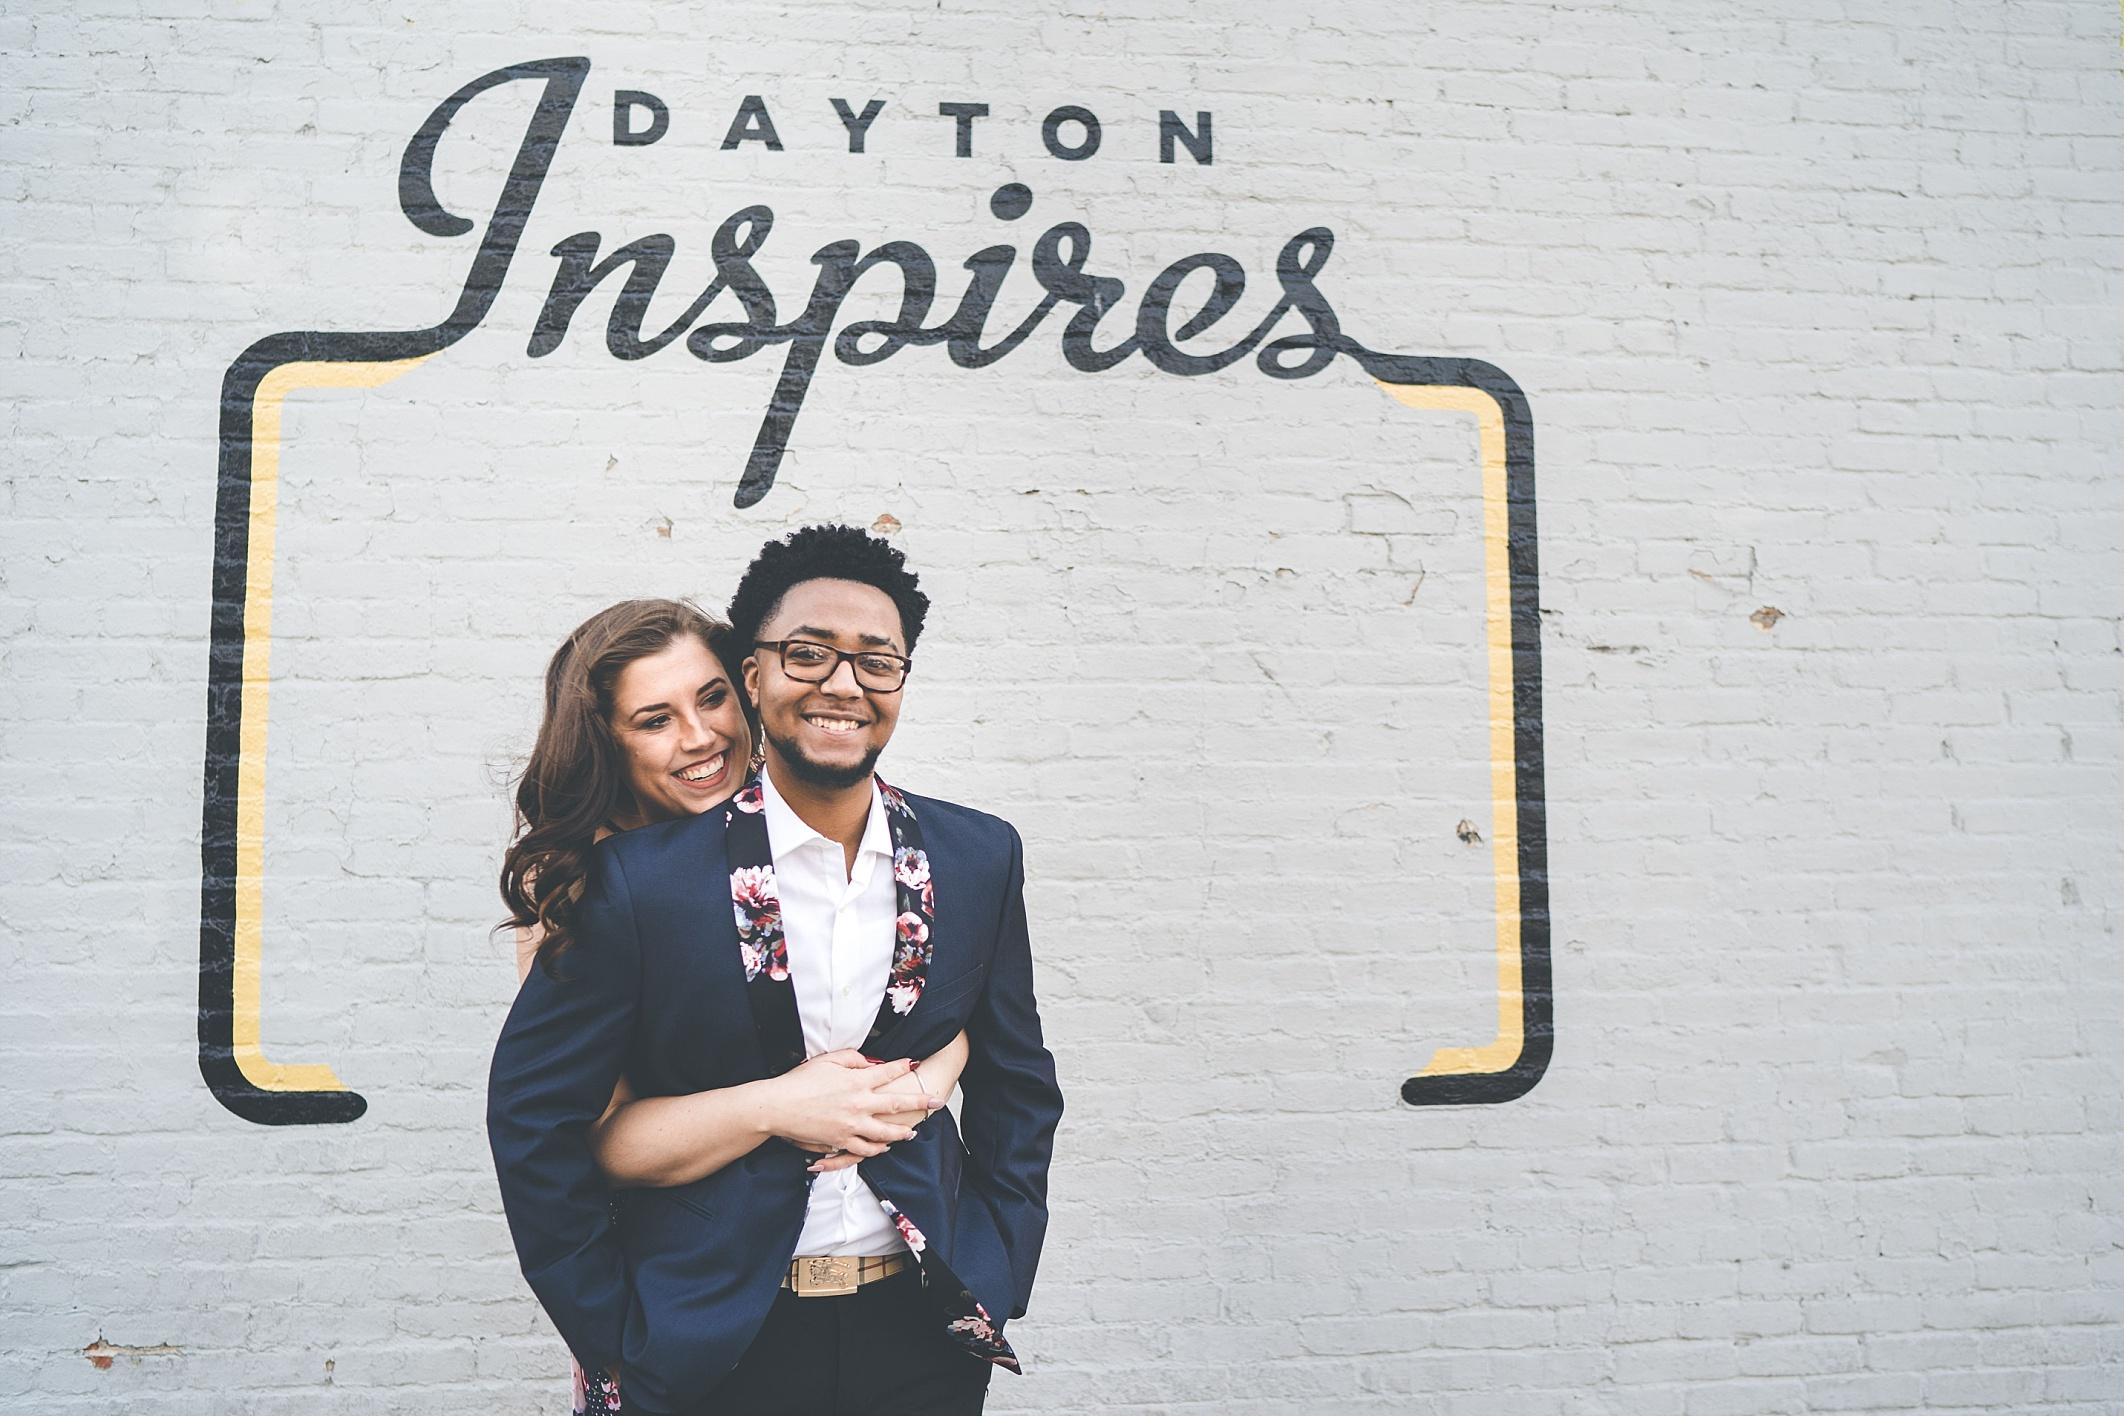 sydney-dayton-engagement--photographer-dayton-ohio_0010.jpg